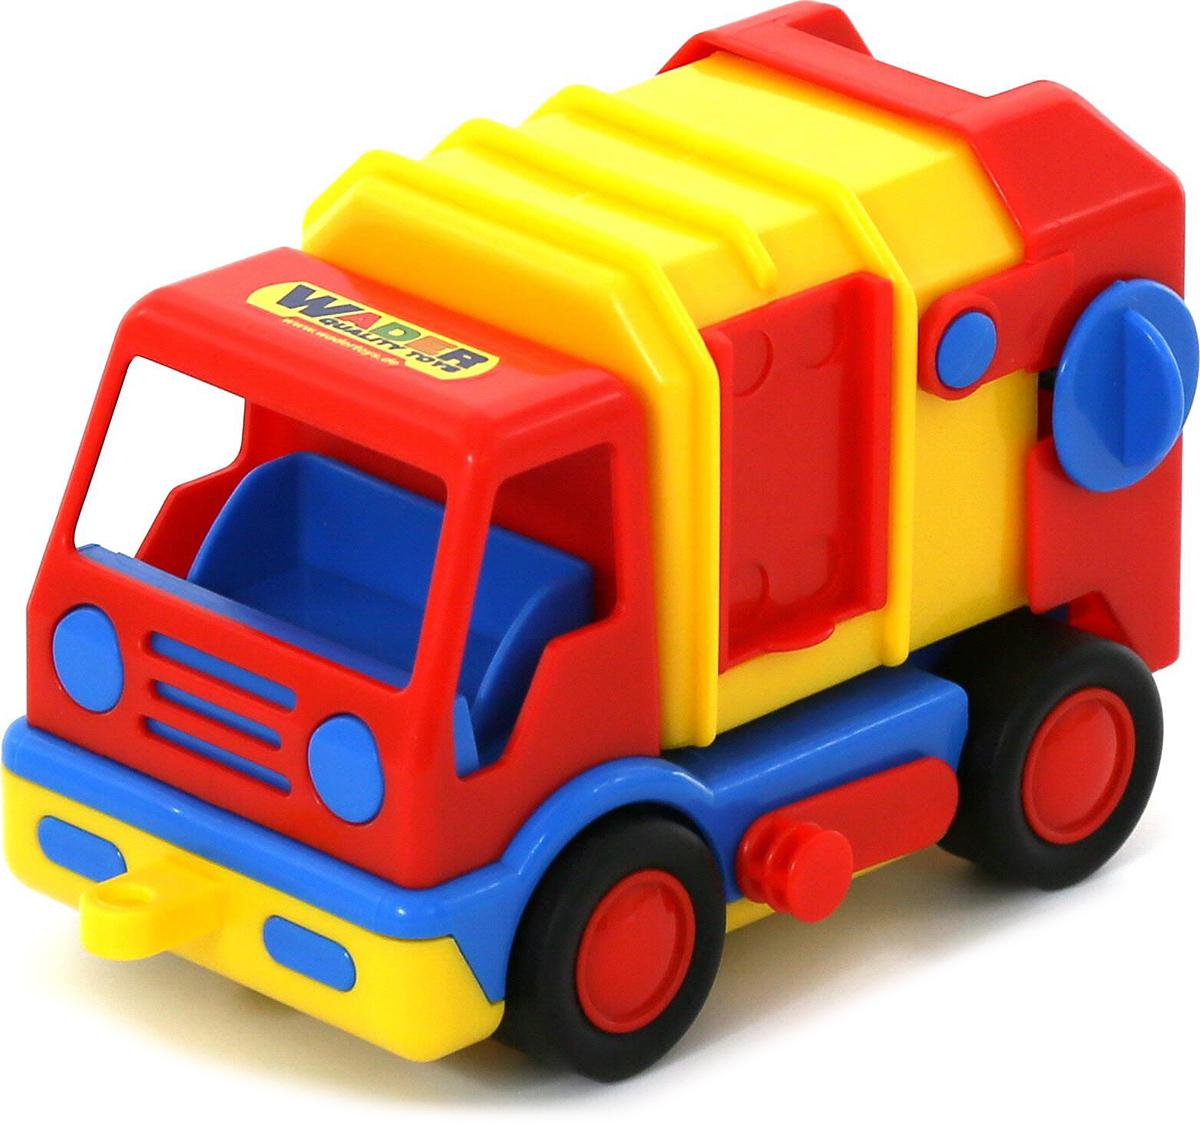 Полесье Коммунальная спецмашина Базик, цвет в ассортименте автомобиль коммунальная спецмашина полесье кнопик красная кабина